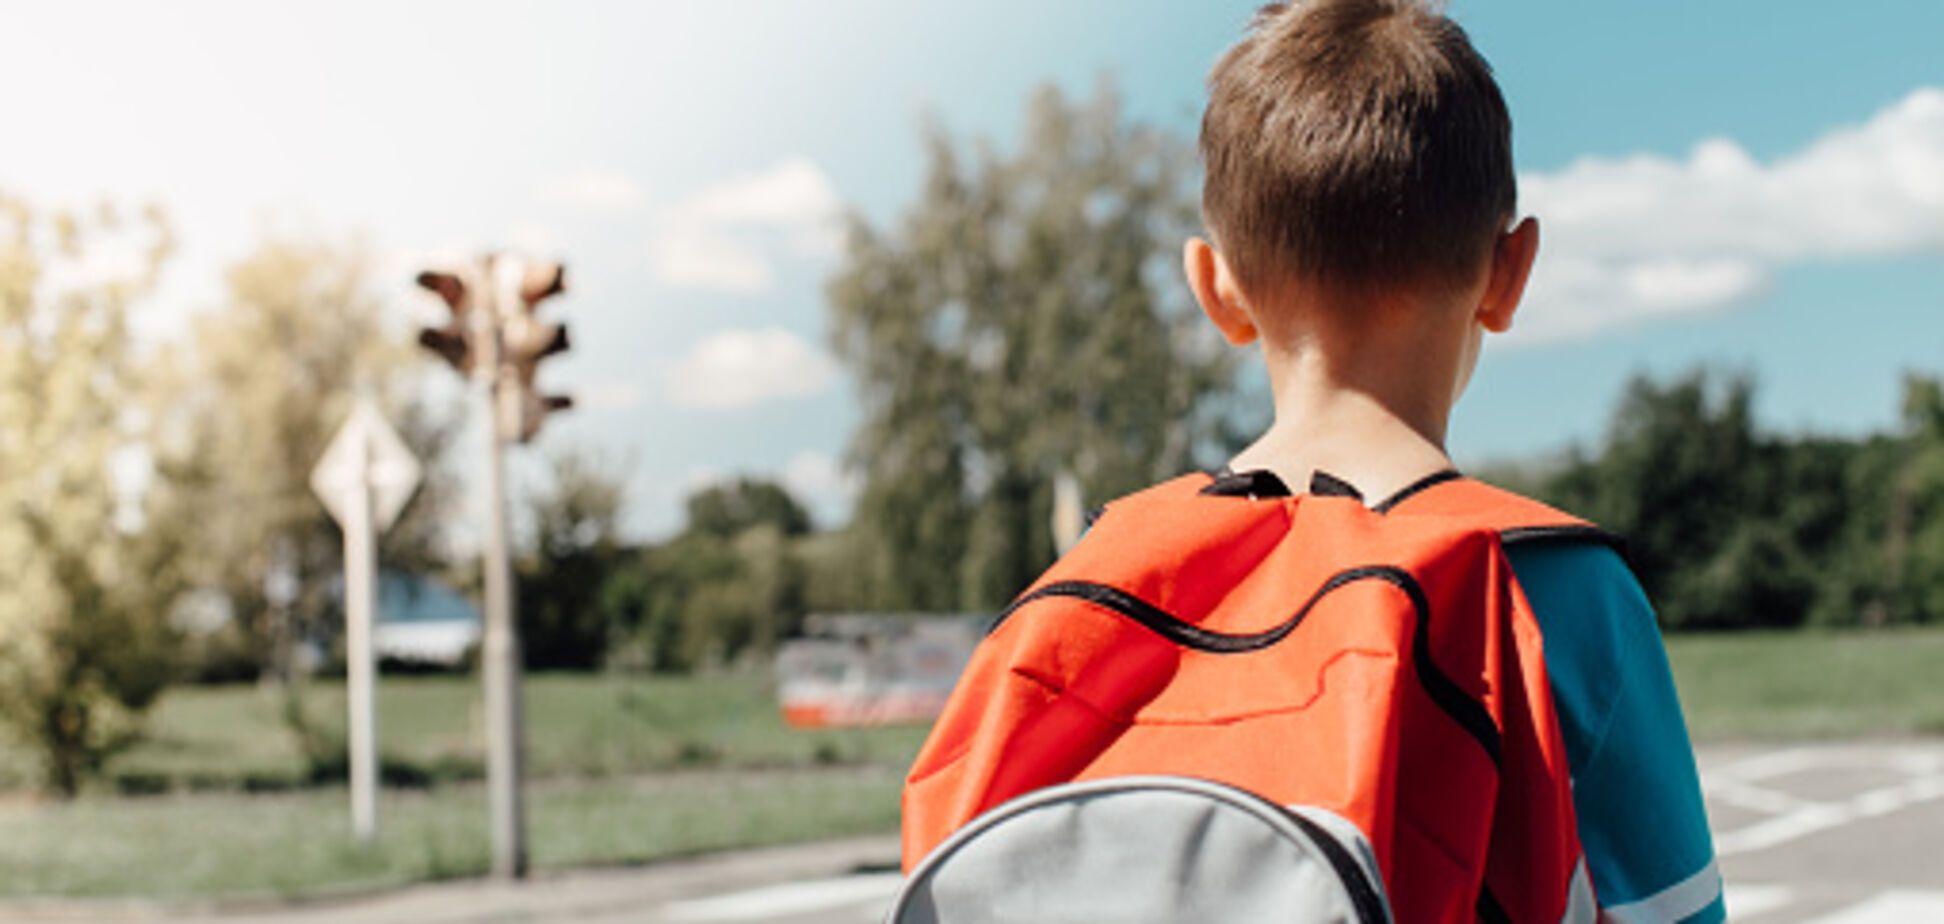 Масові отруєння у школах України: виявлено слід 'винуватців'